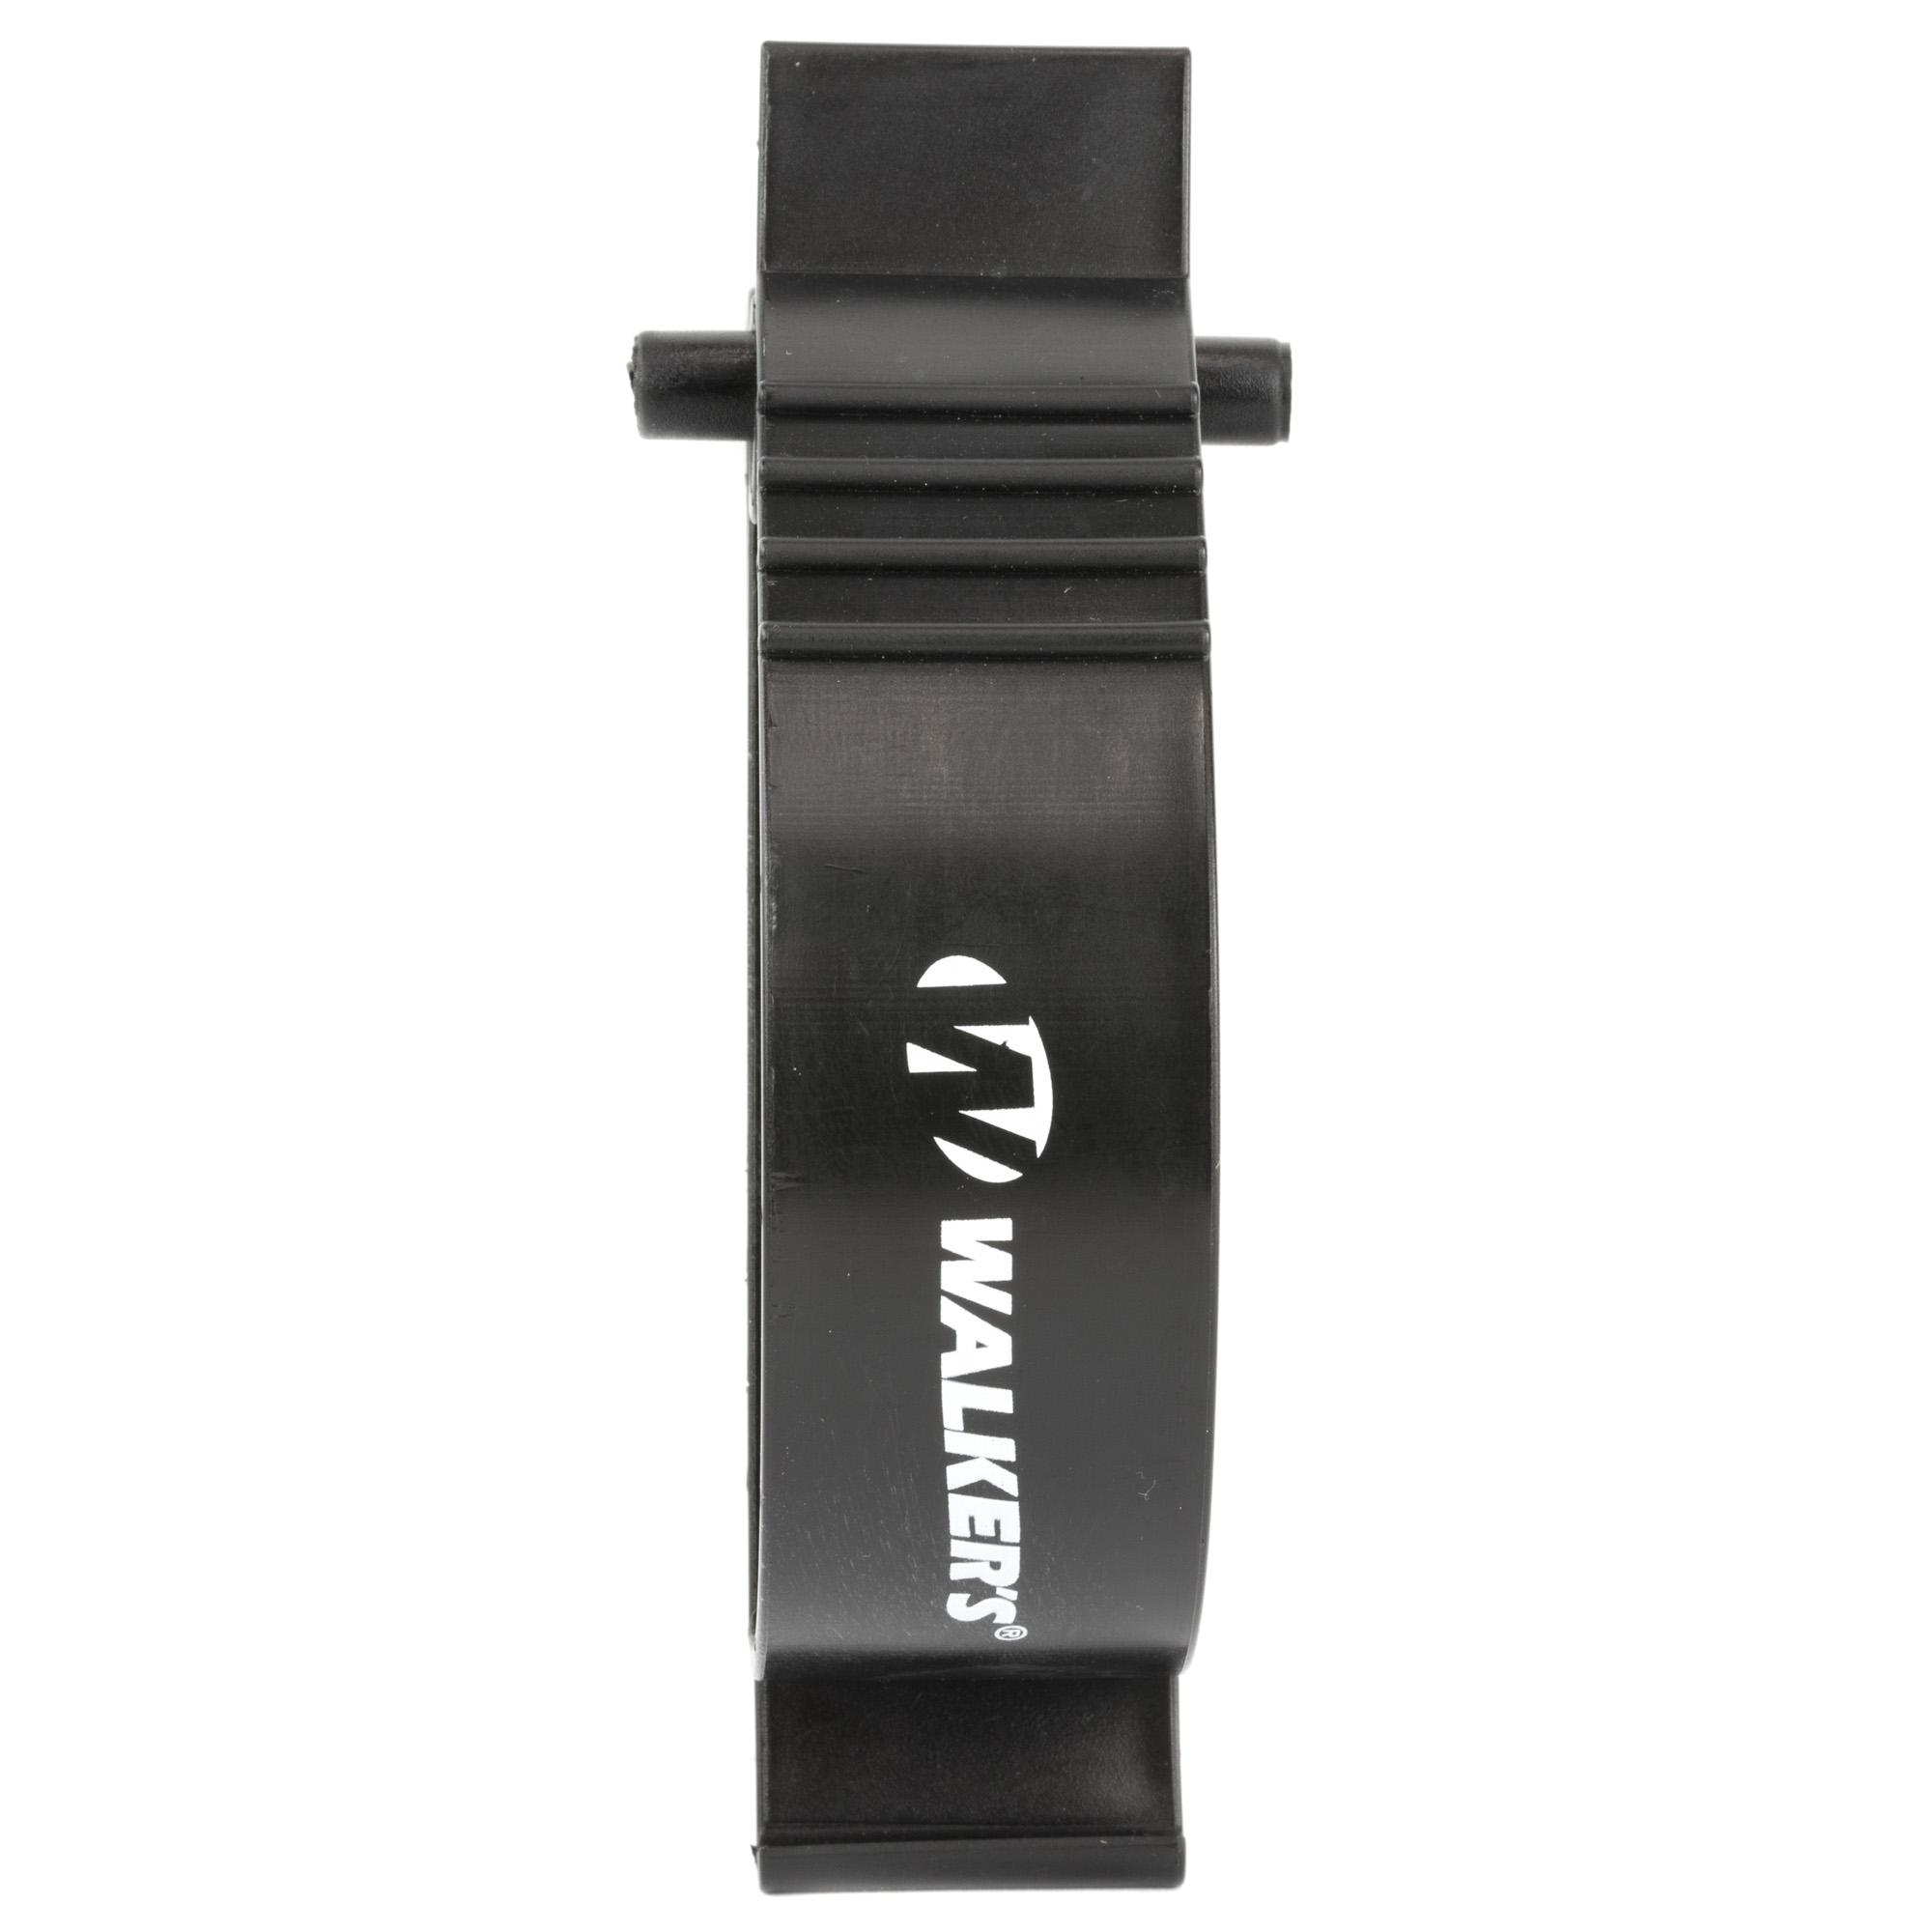 Walkers Belt Clip Holder